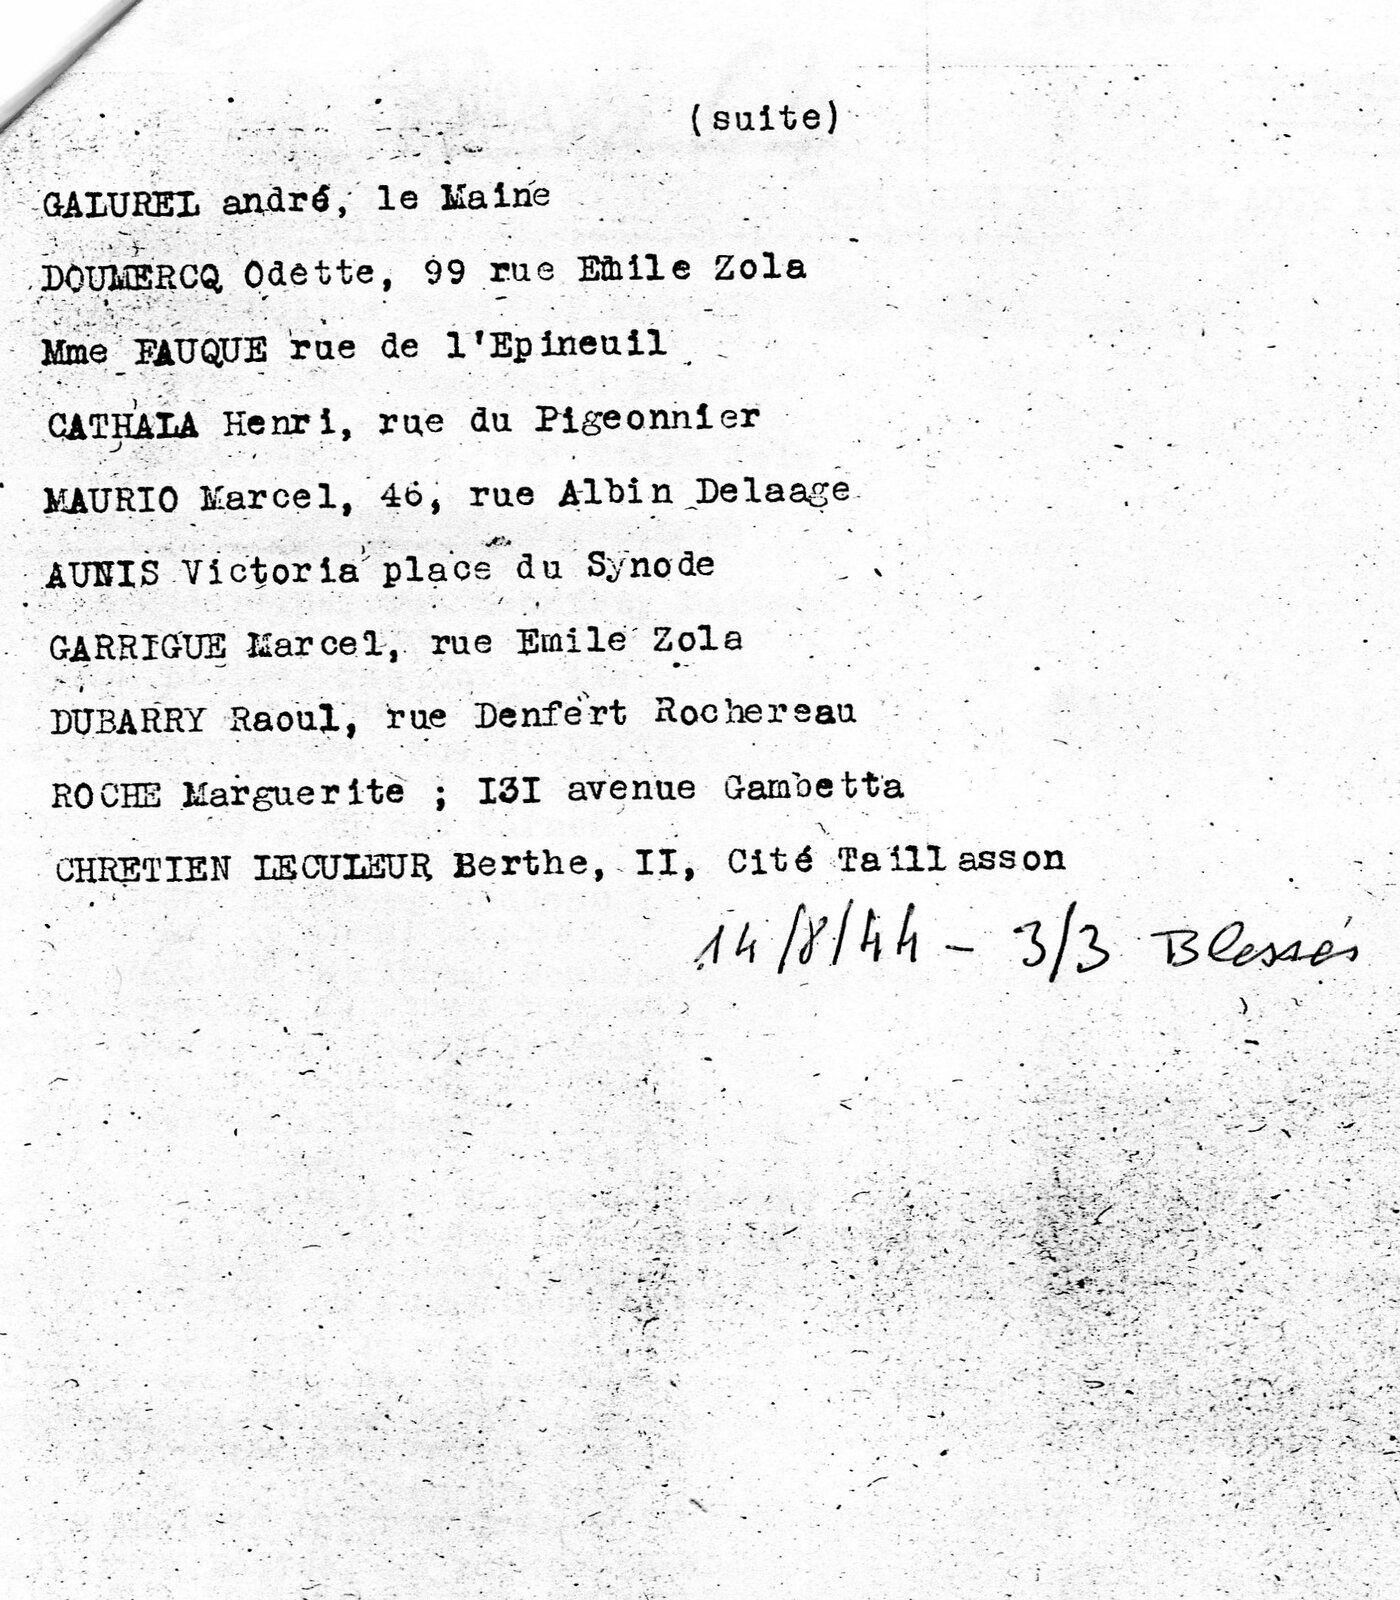 Le 8 août 2021... quatre frères allemands offrent à la ville de Saintes... 2000 € pour le mal fait à la France par l'Allemagne (A suivre car cette opération est en cours)